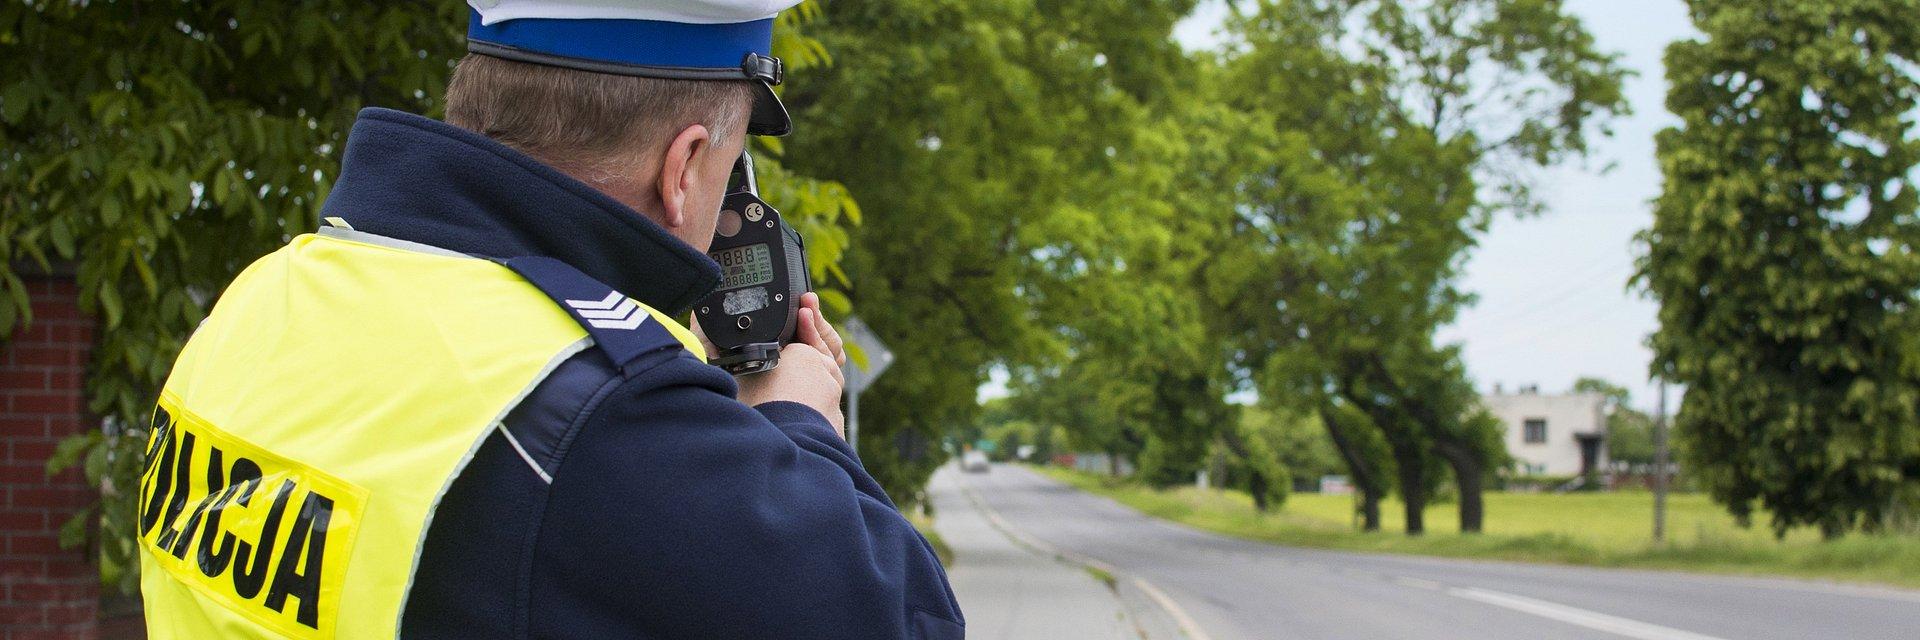 Najczęściej kontrolowane drogi w Polsce – sprawdź nim ruszysz na długi weekend